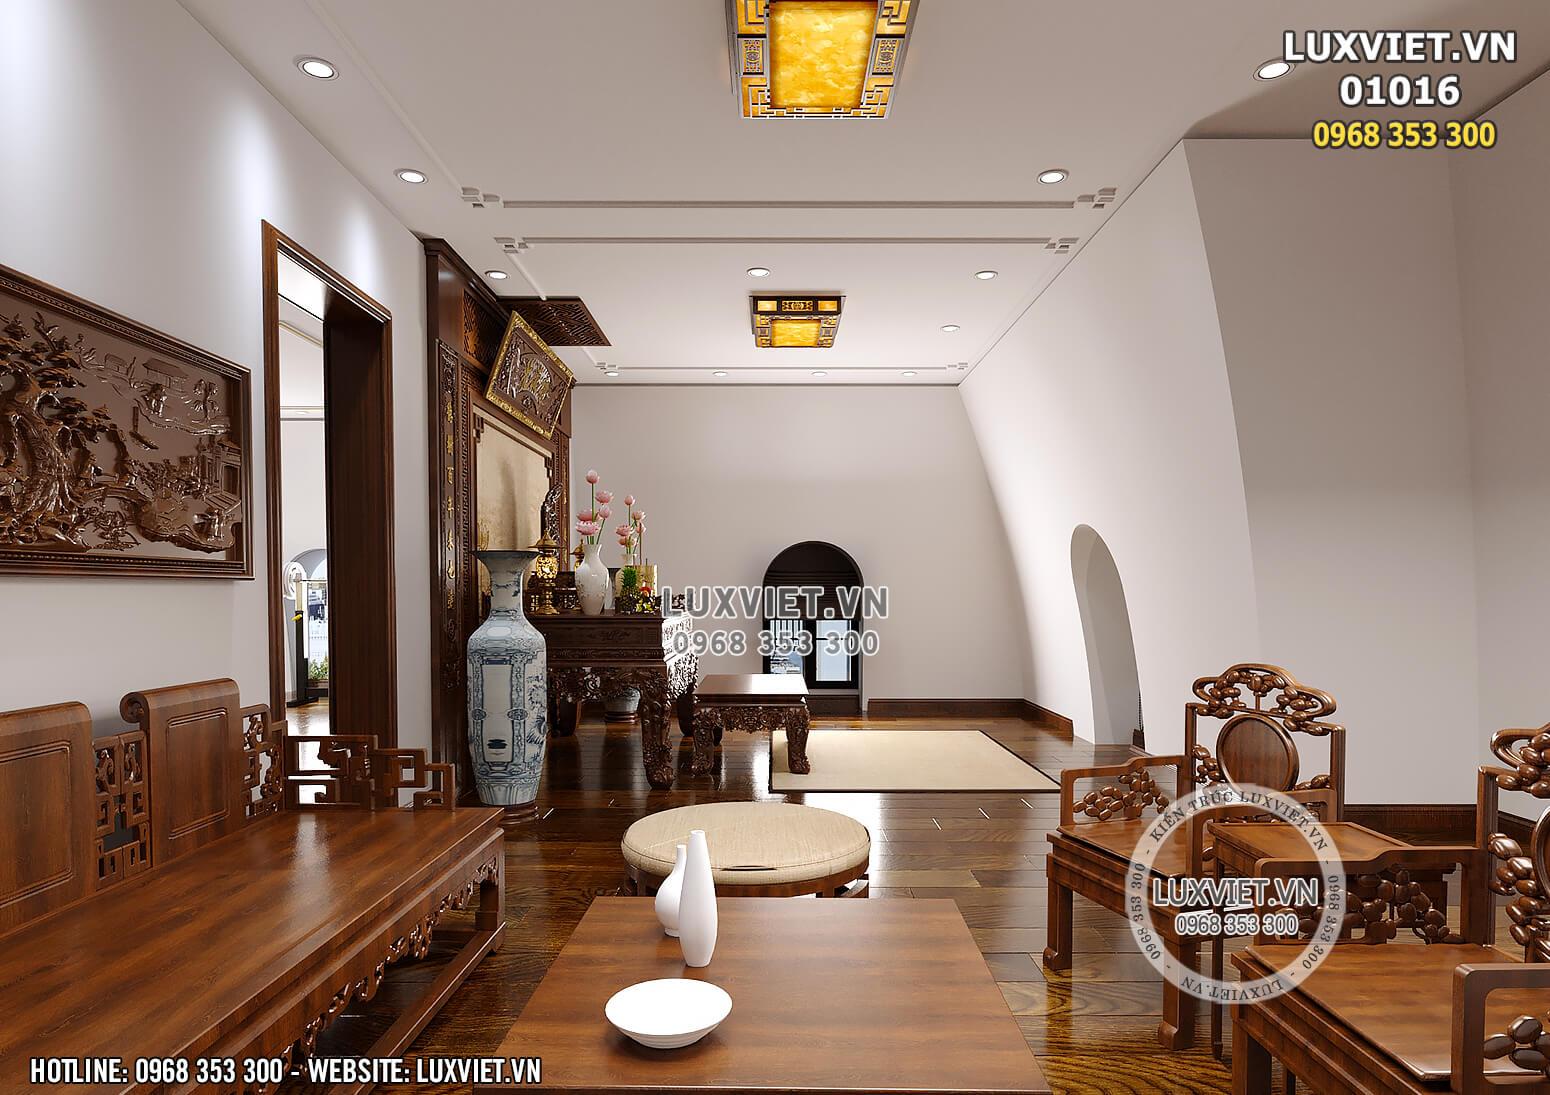 Hình ảnh: Không gian khu vực phòng thờ của mẫu thiết kế nội thất tân cổ điển đẹp 2